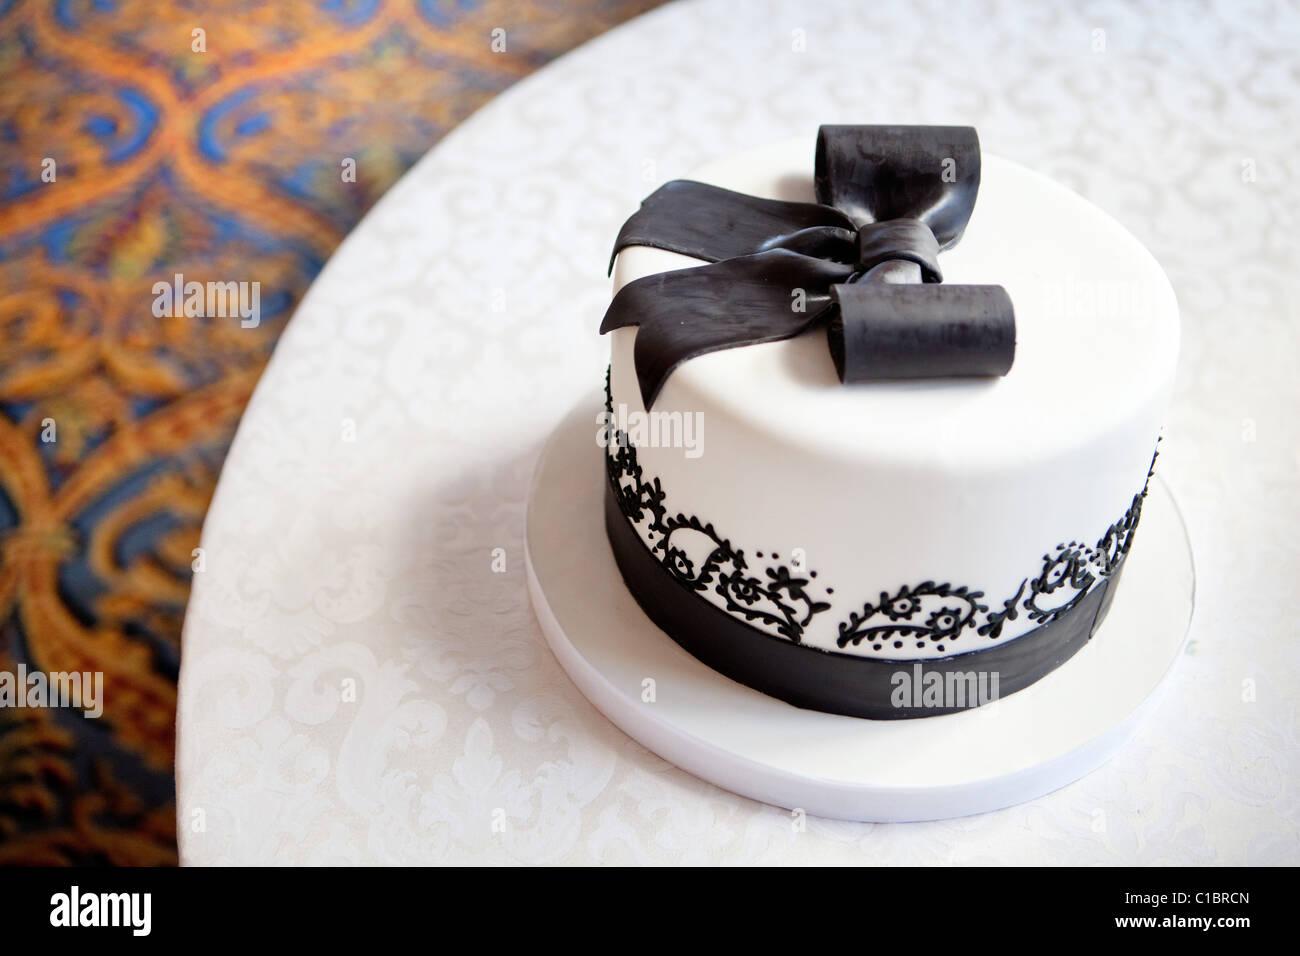 Wedding Cake Black And White Elegant Ribbon Chocolate